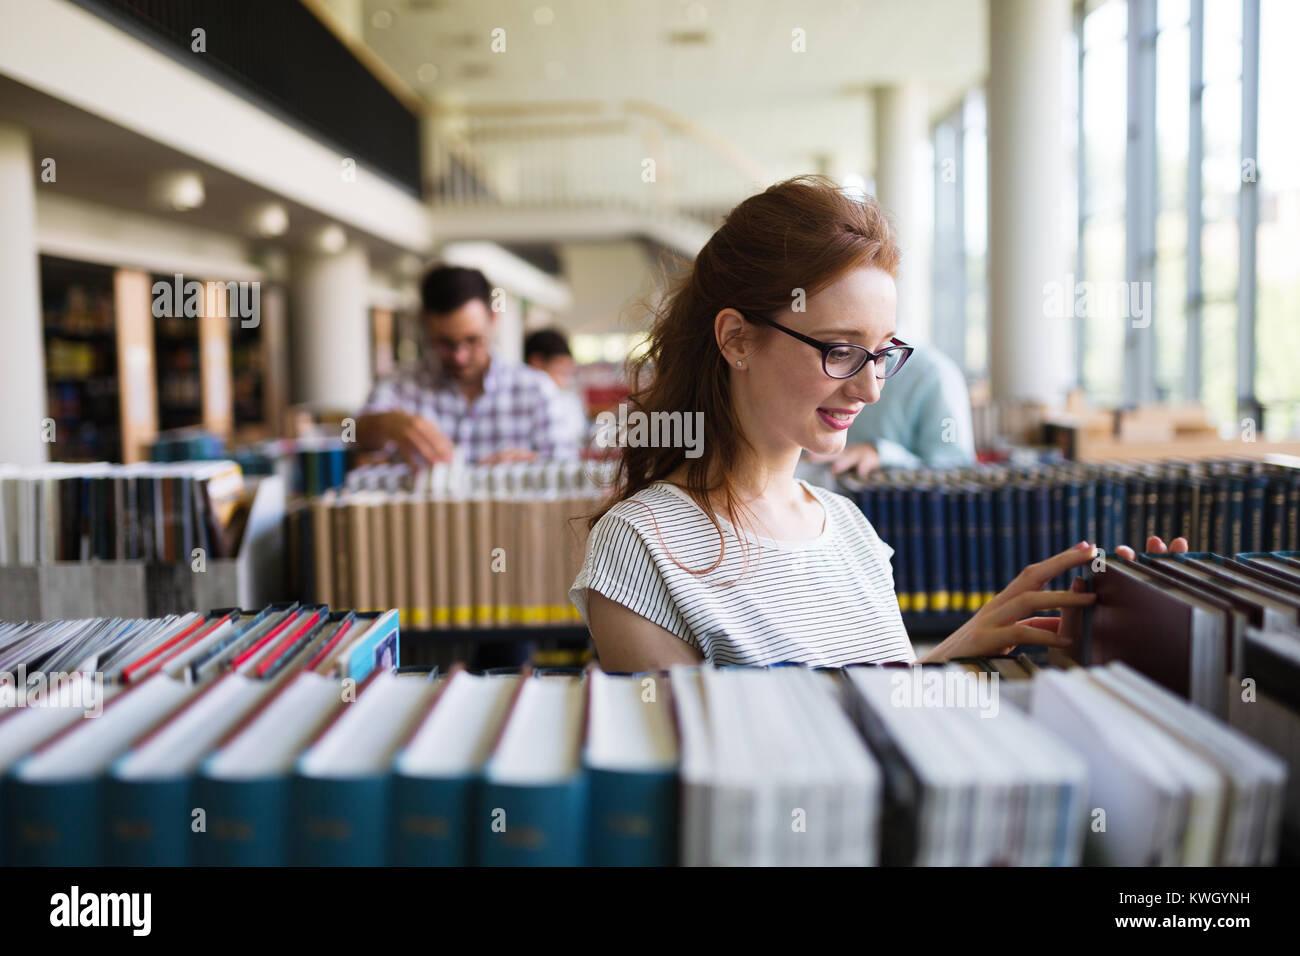 Ritratto di una bella ragazza sorridente la lettura di libro in biblioteca Immagini Stock